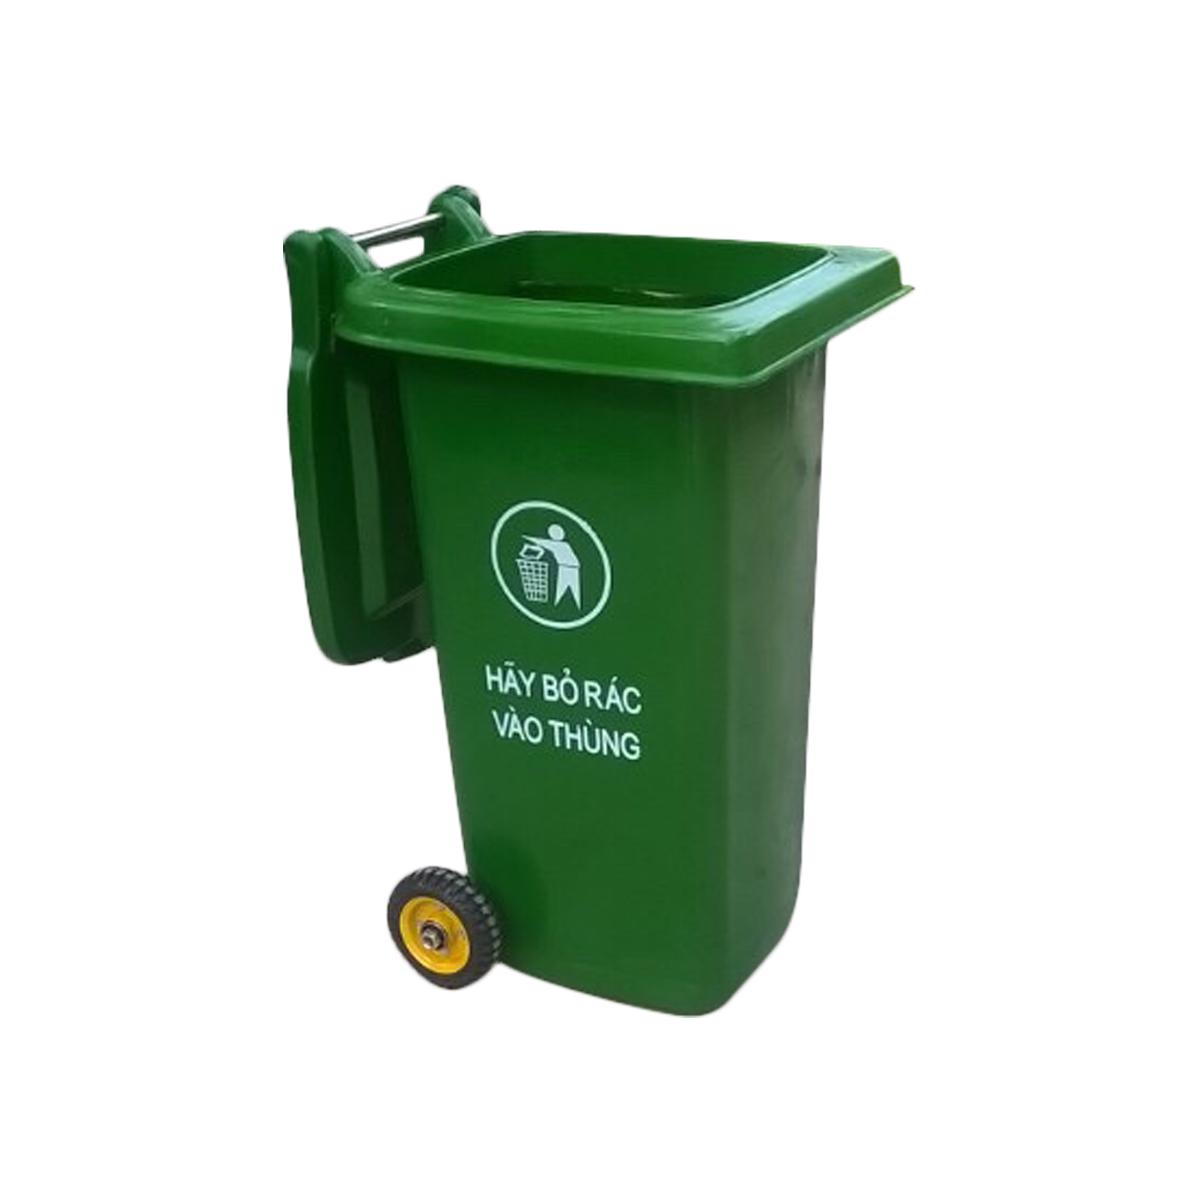 Thùng rác Composite tiêu chuẩn